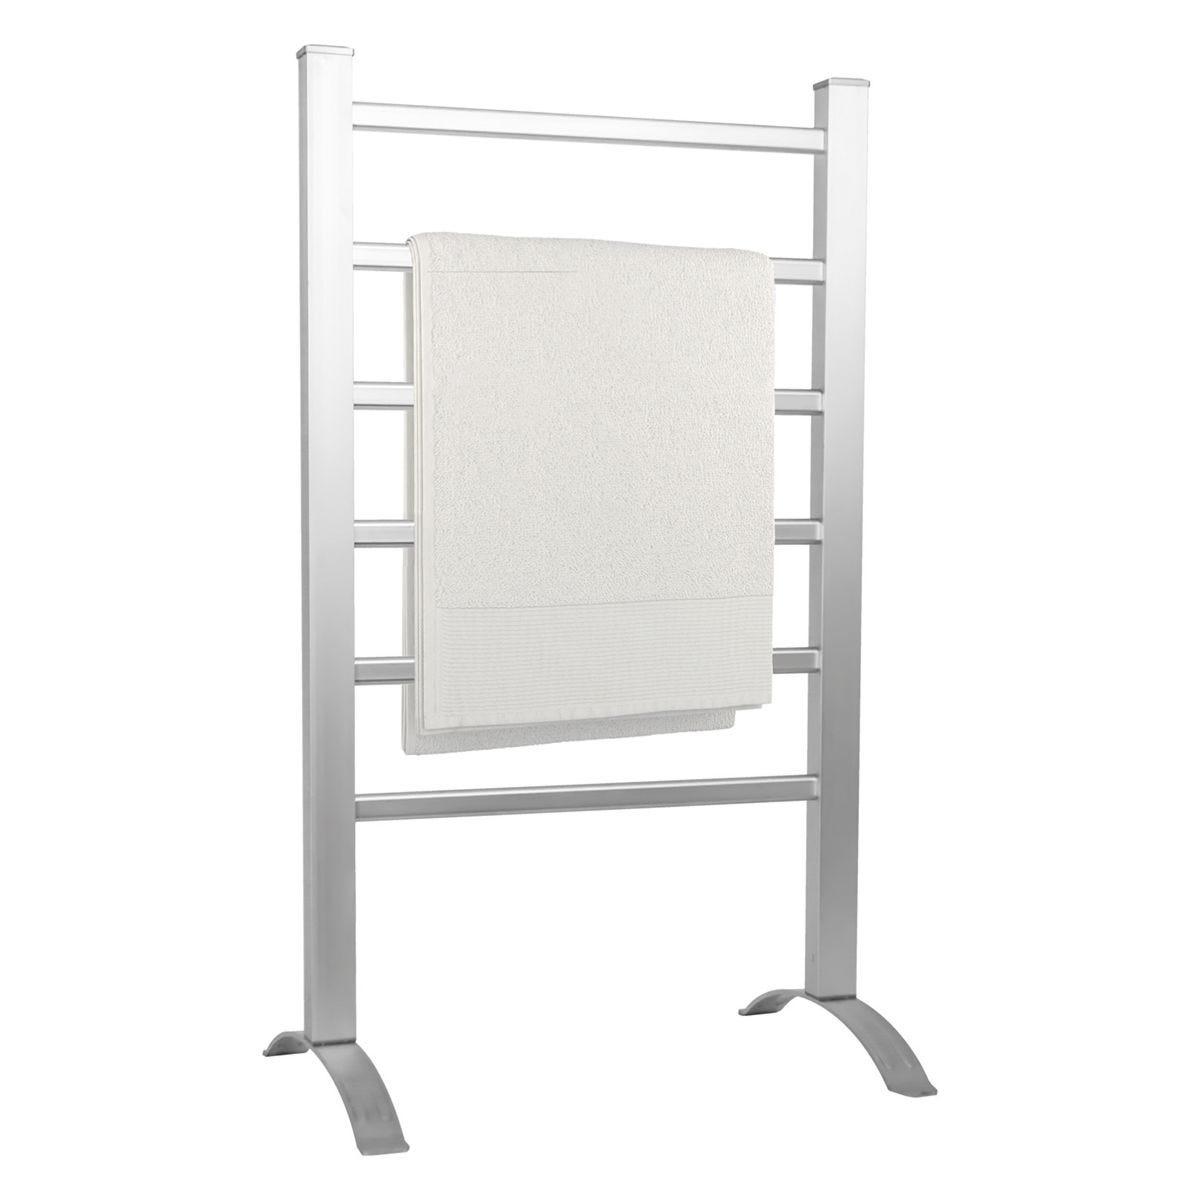 Status 100W Heated Towel Rail - Aluminium